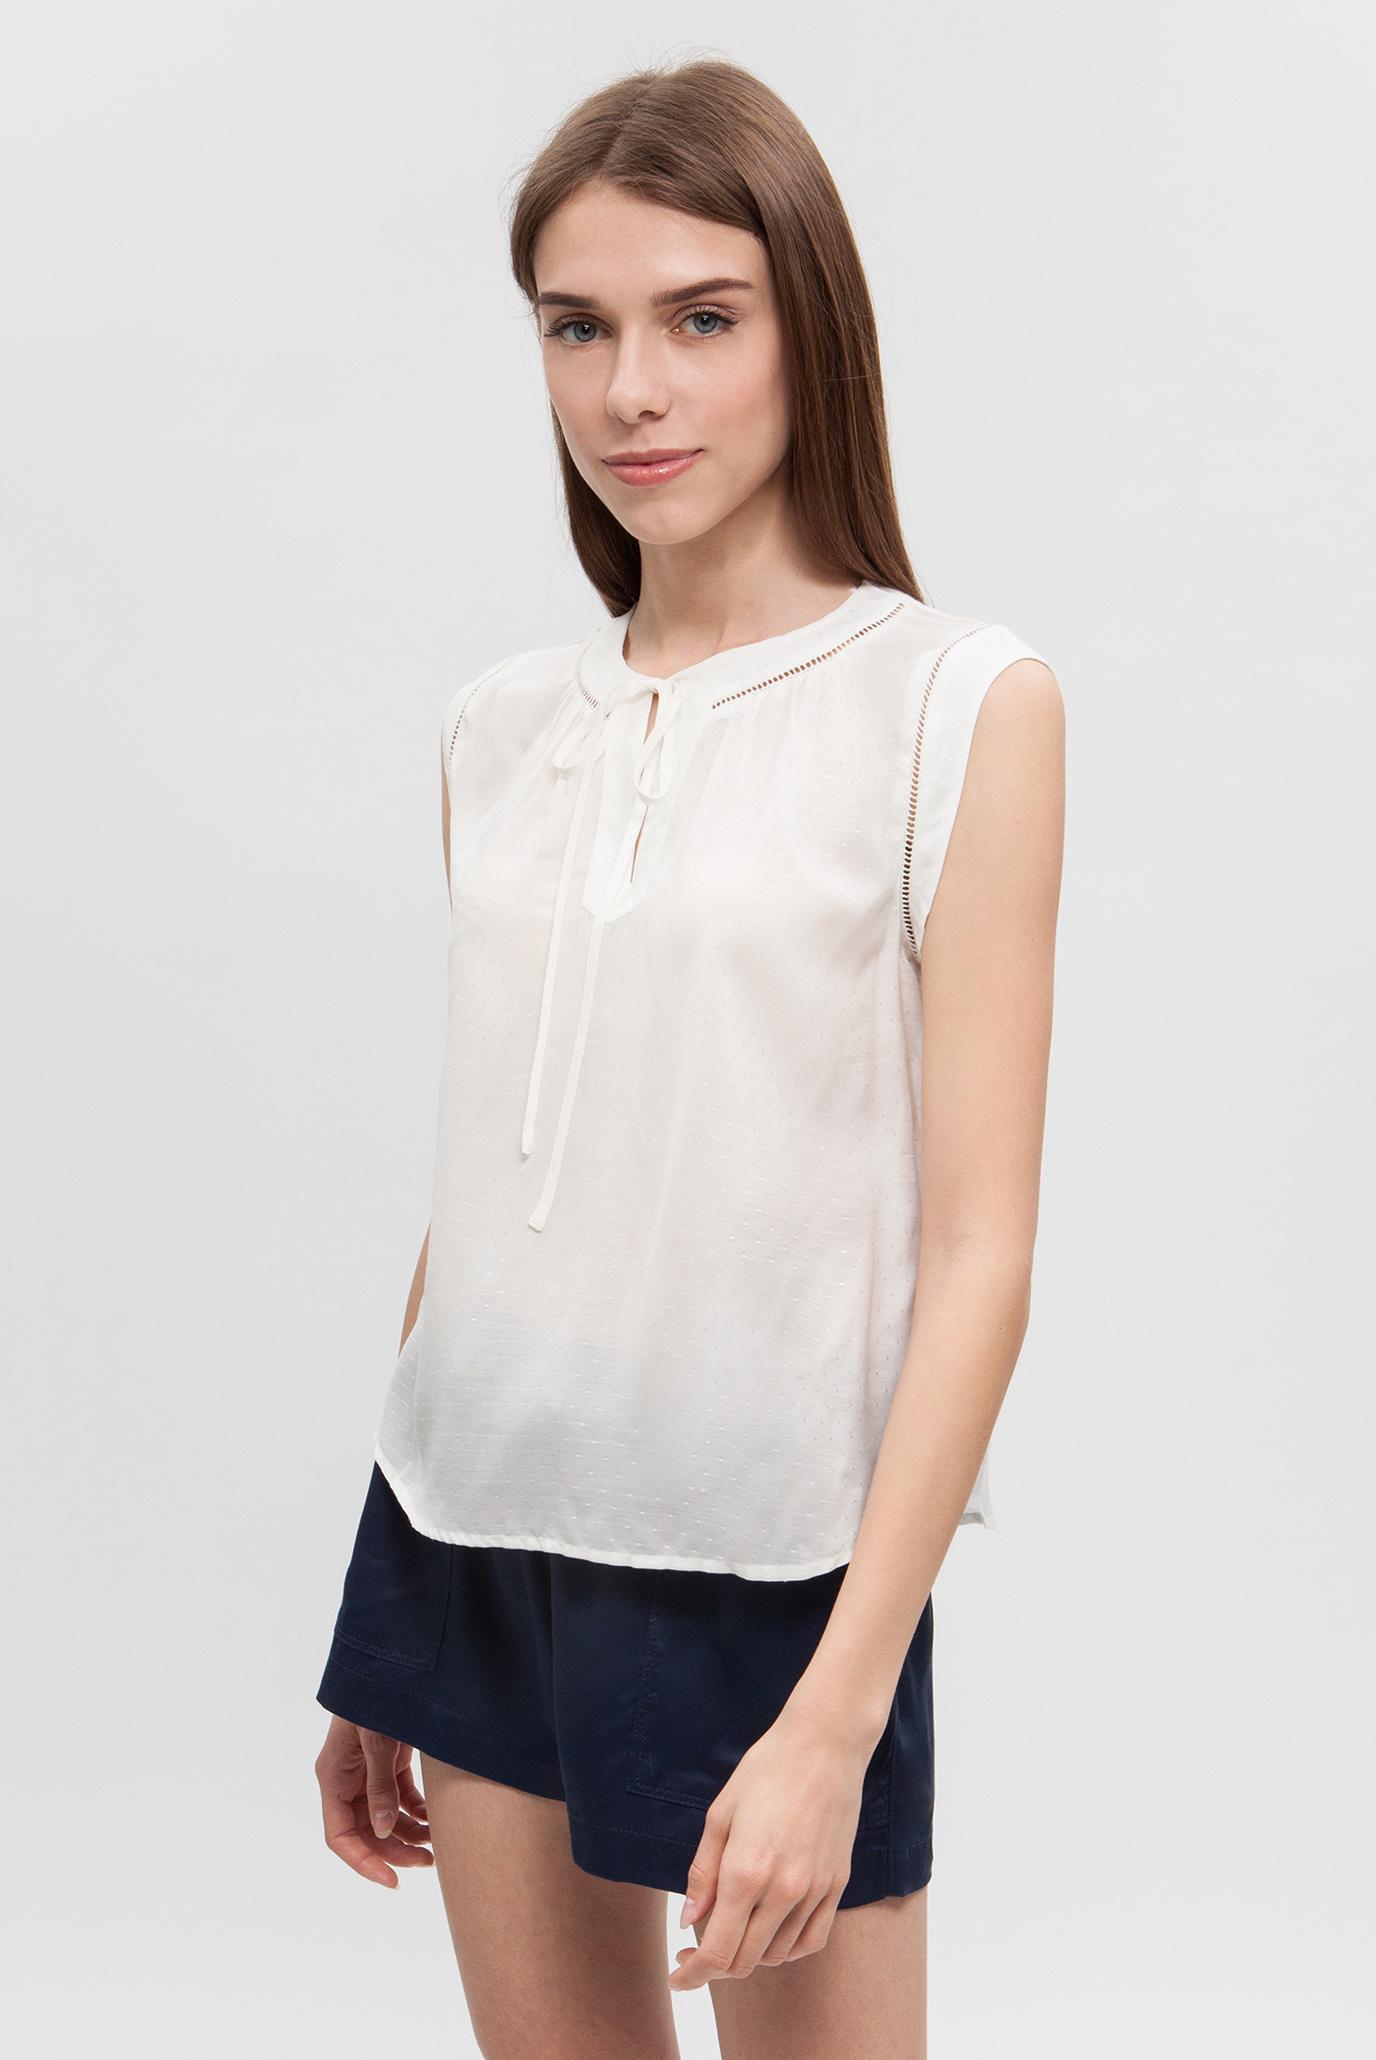 Купить Женская белая блуза Tommy Hilfiger Tommy Hilfiger DW0DW04203 – Киев, Украина. Цены в интернет магазине MD Fashion